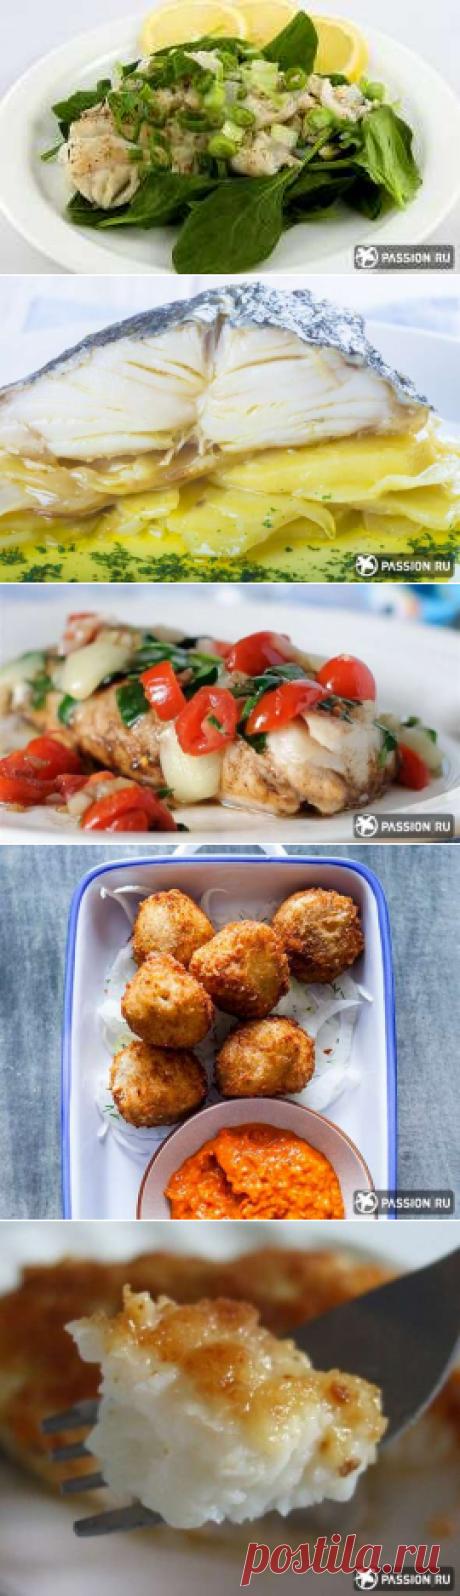 5 блюд из трески по португальским рецептам